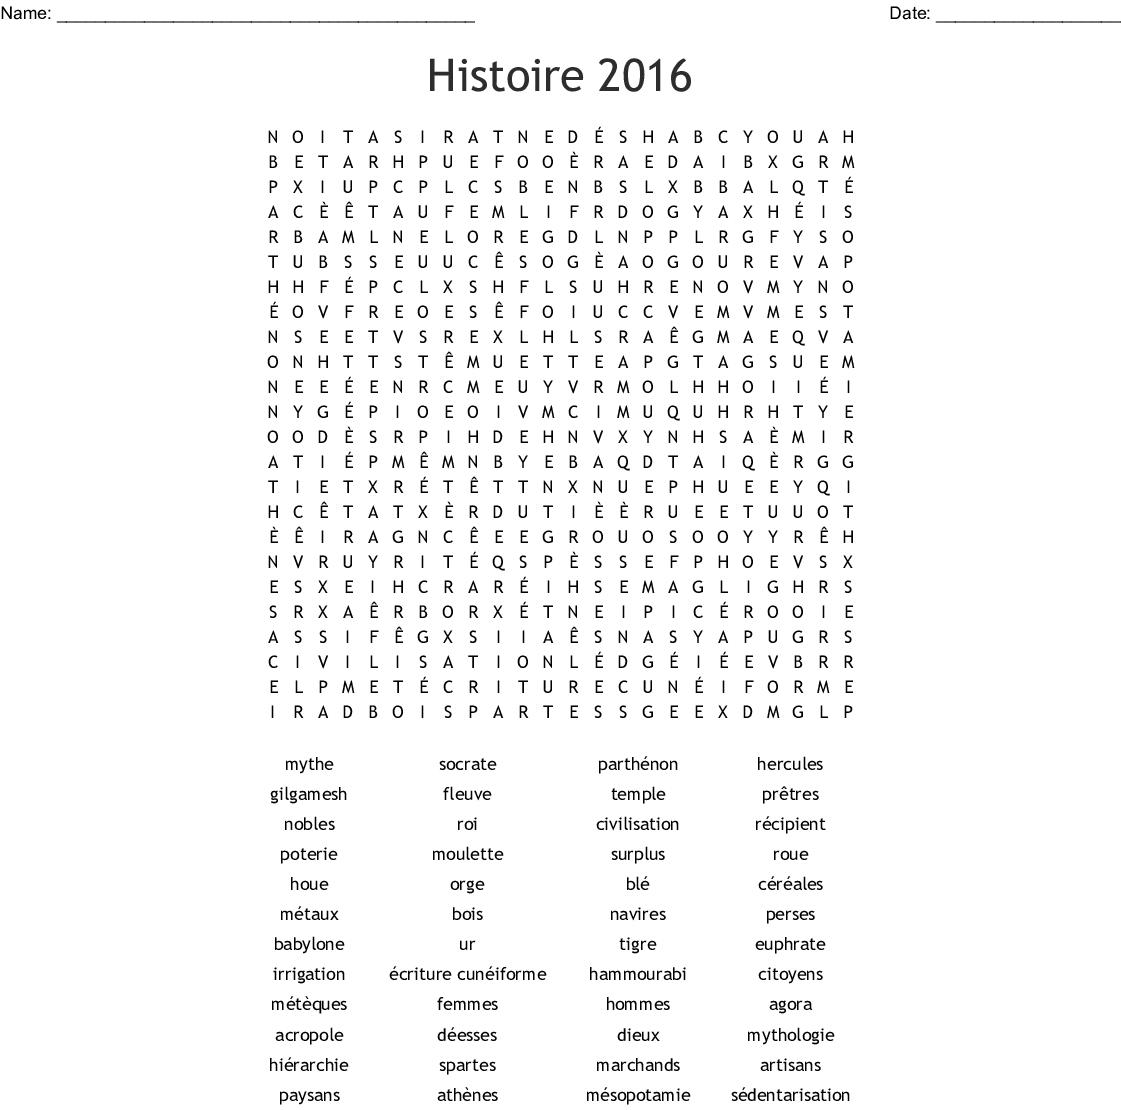 Similar To Mesopotamie 2 Word Search